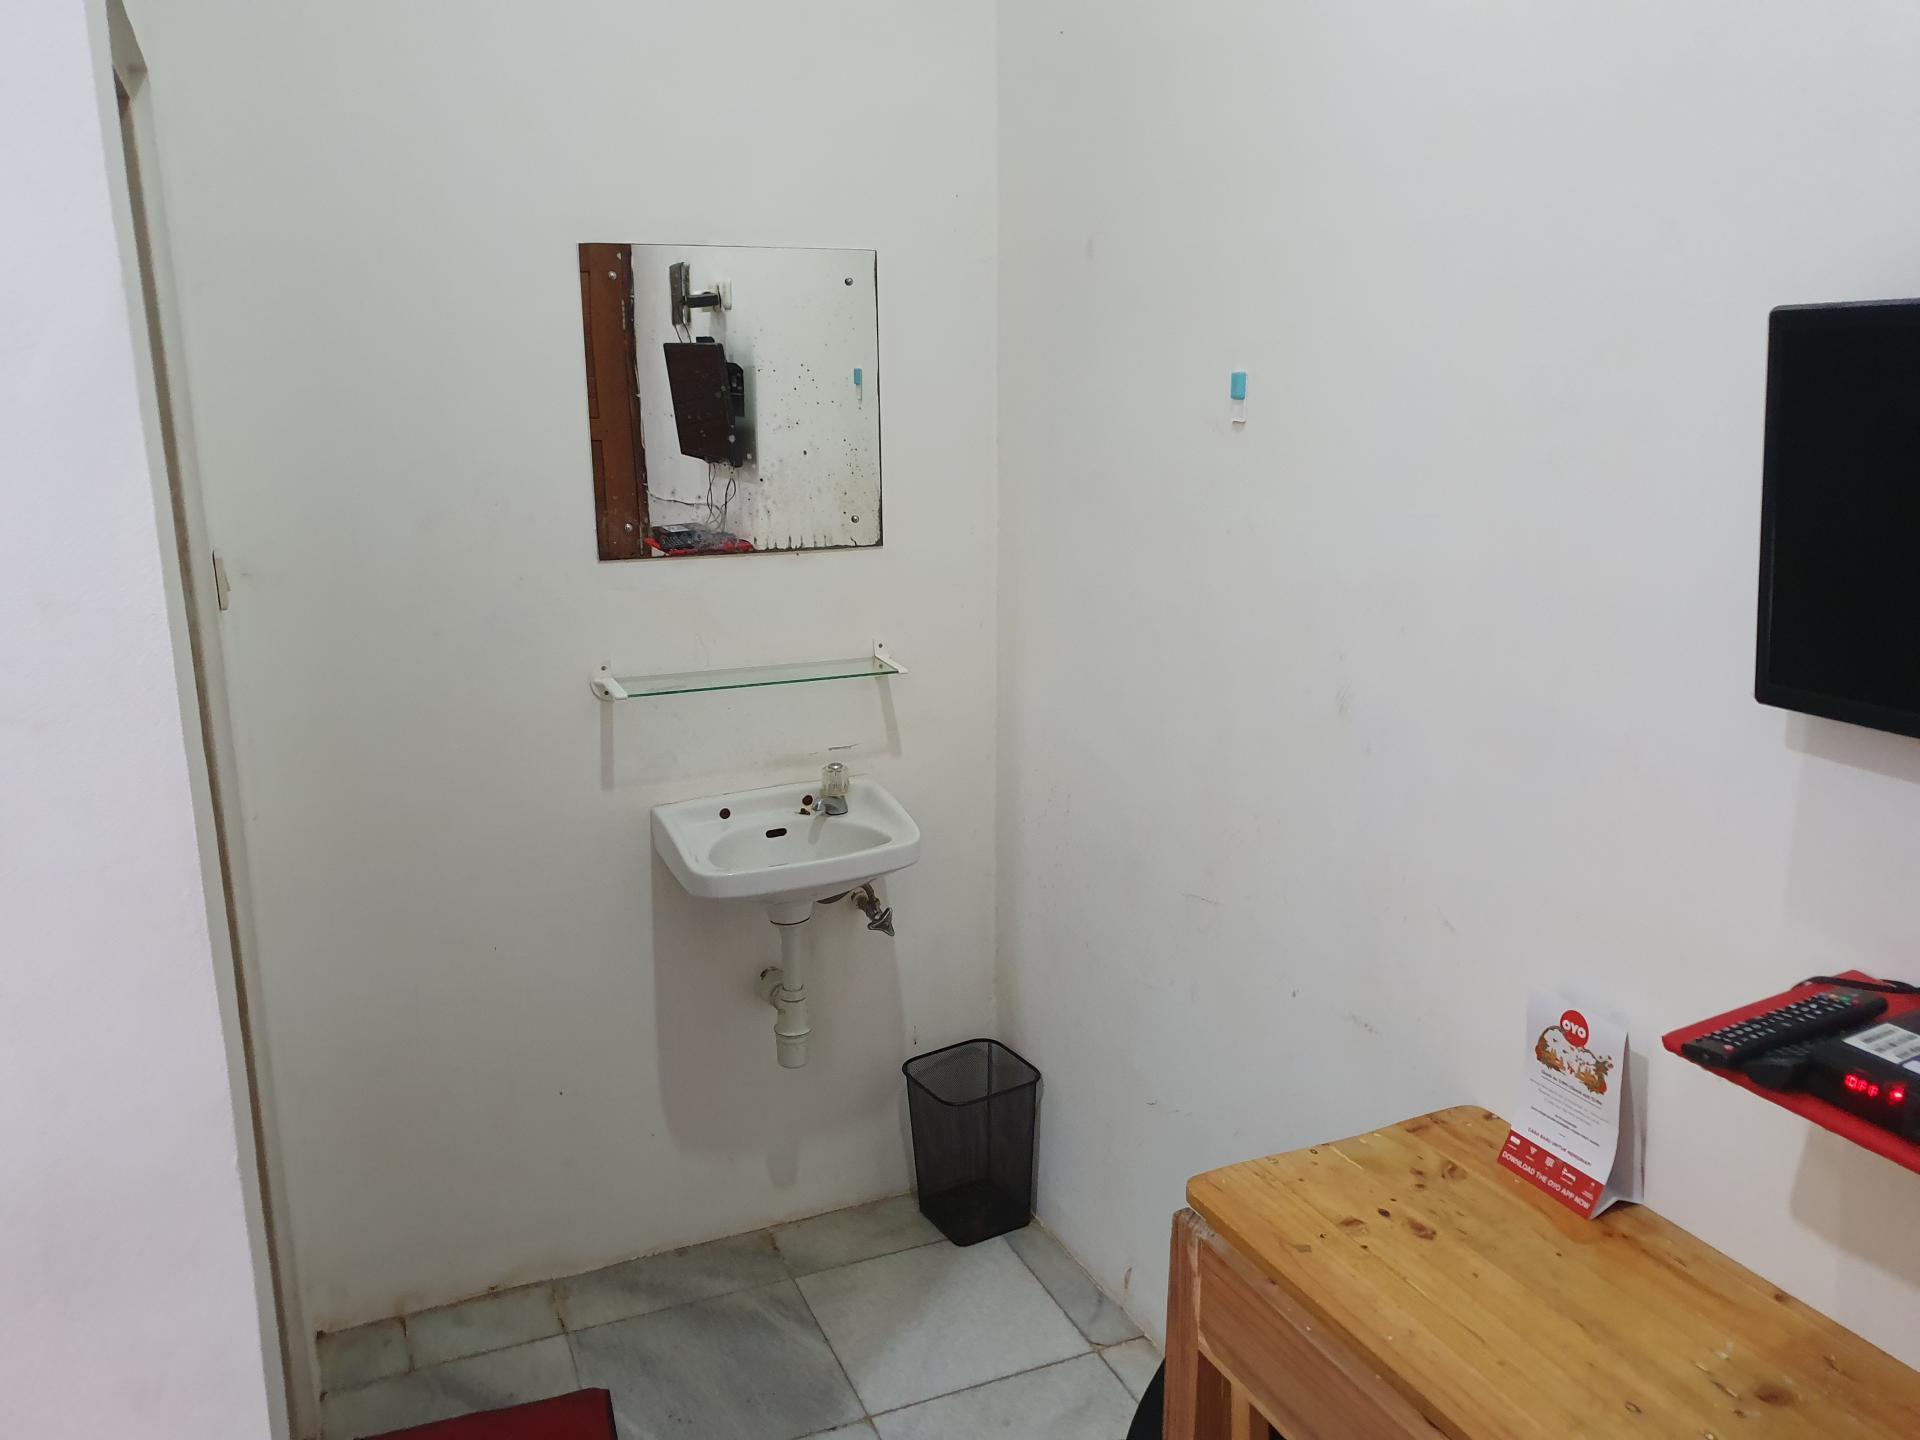 номер отеля OYO в Джакарте